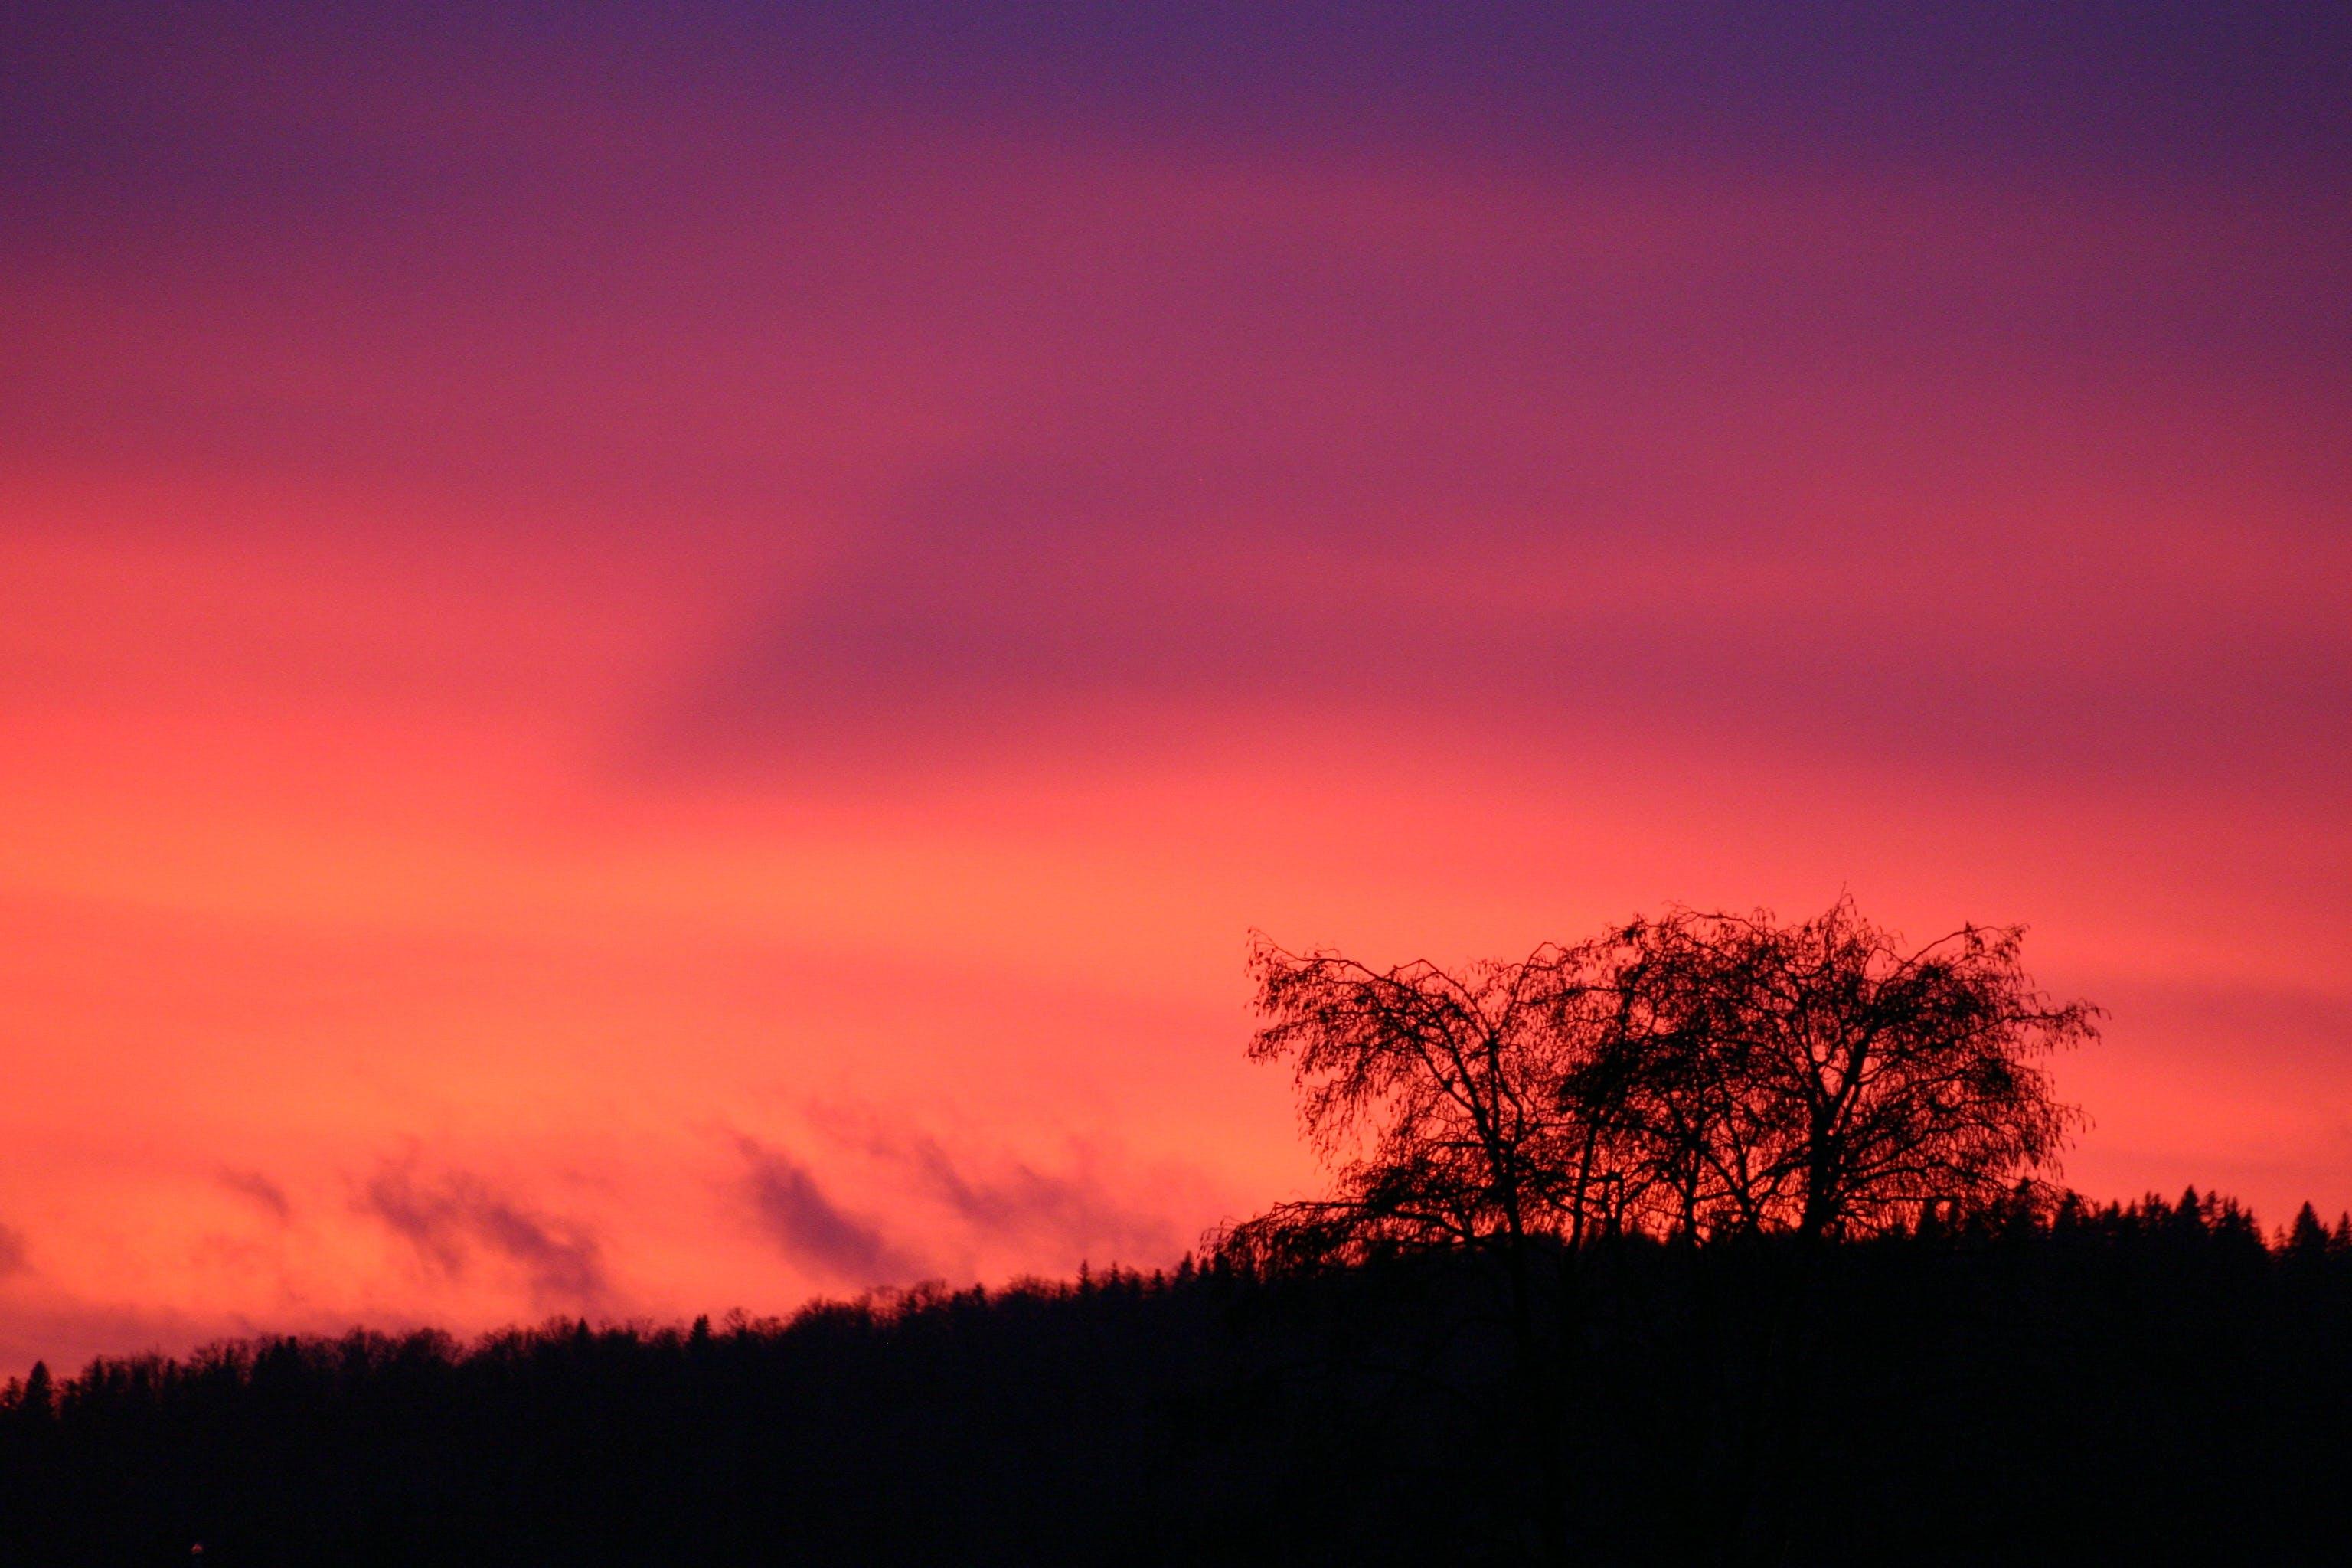 Fotos de stock gratuitas de amanecer, árbol, brillante, color